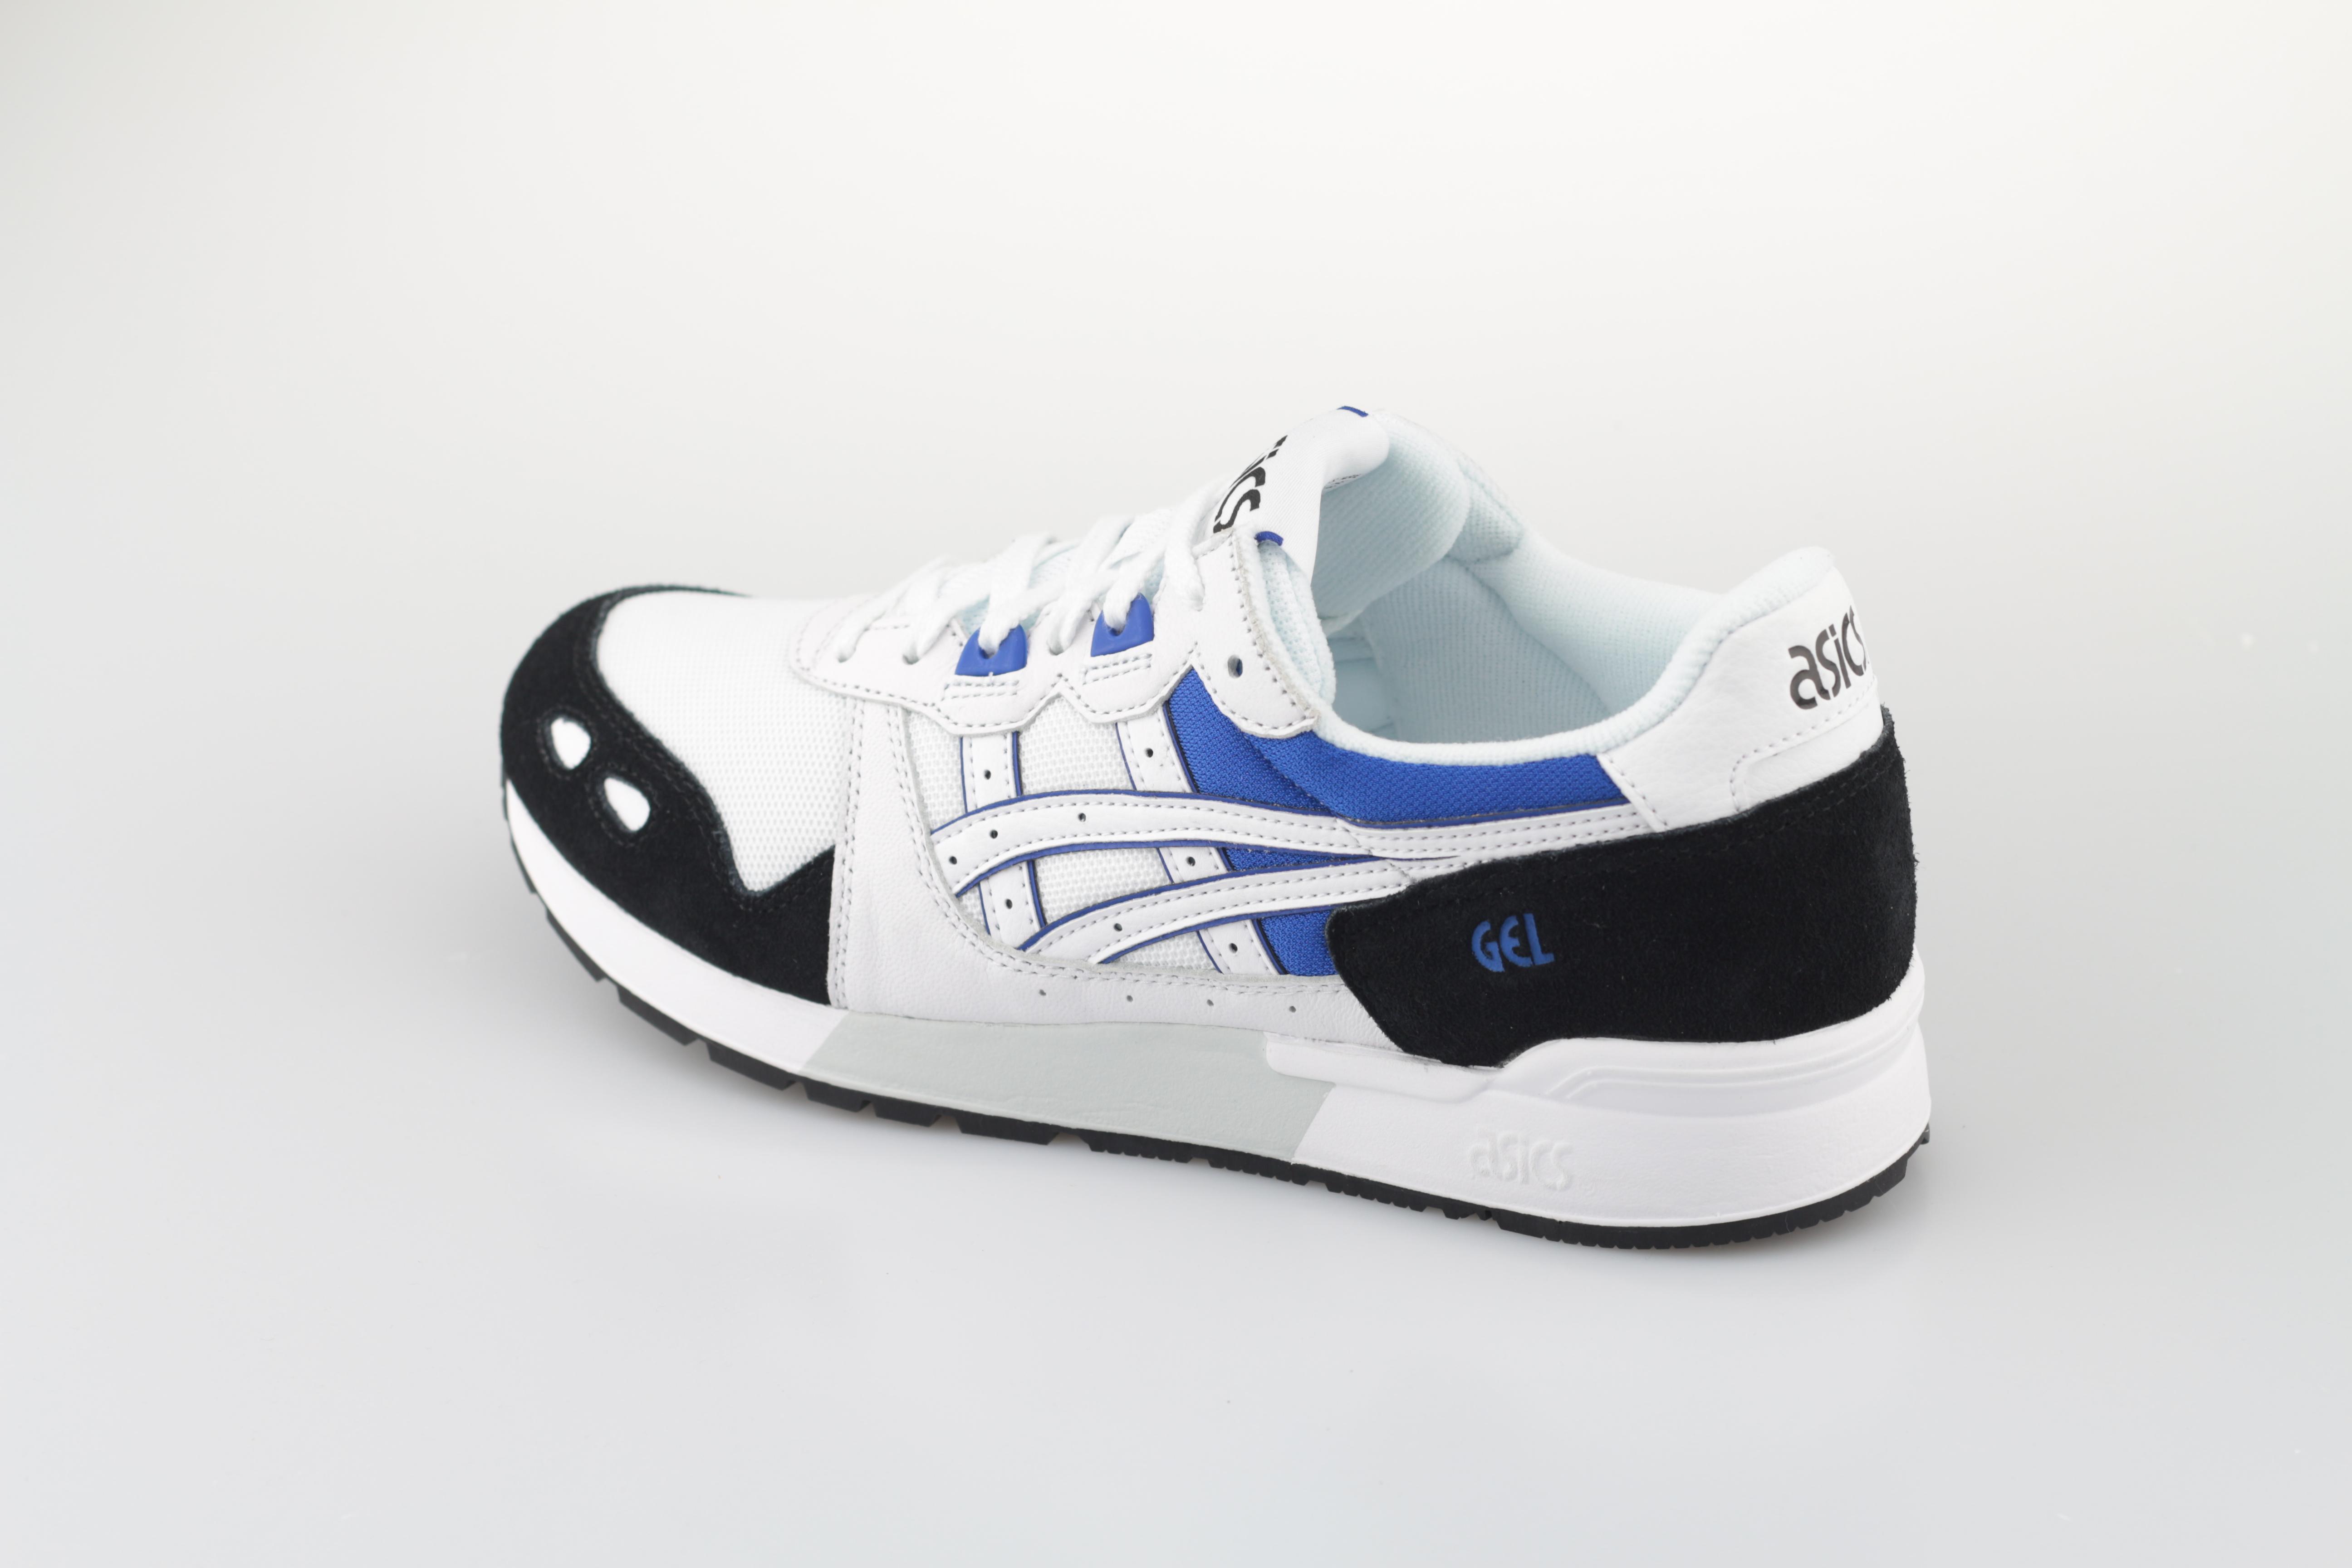 asics-tiger-gel-lyte-1193A092-101-white-asics-blue-3